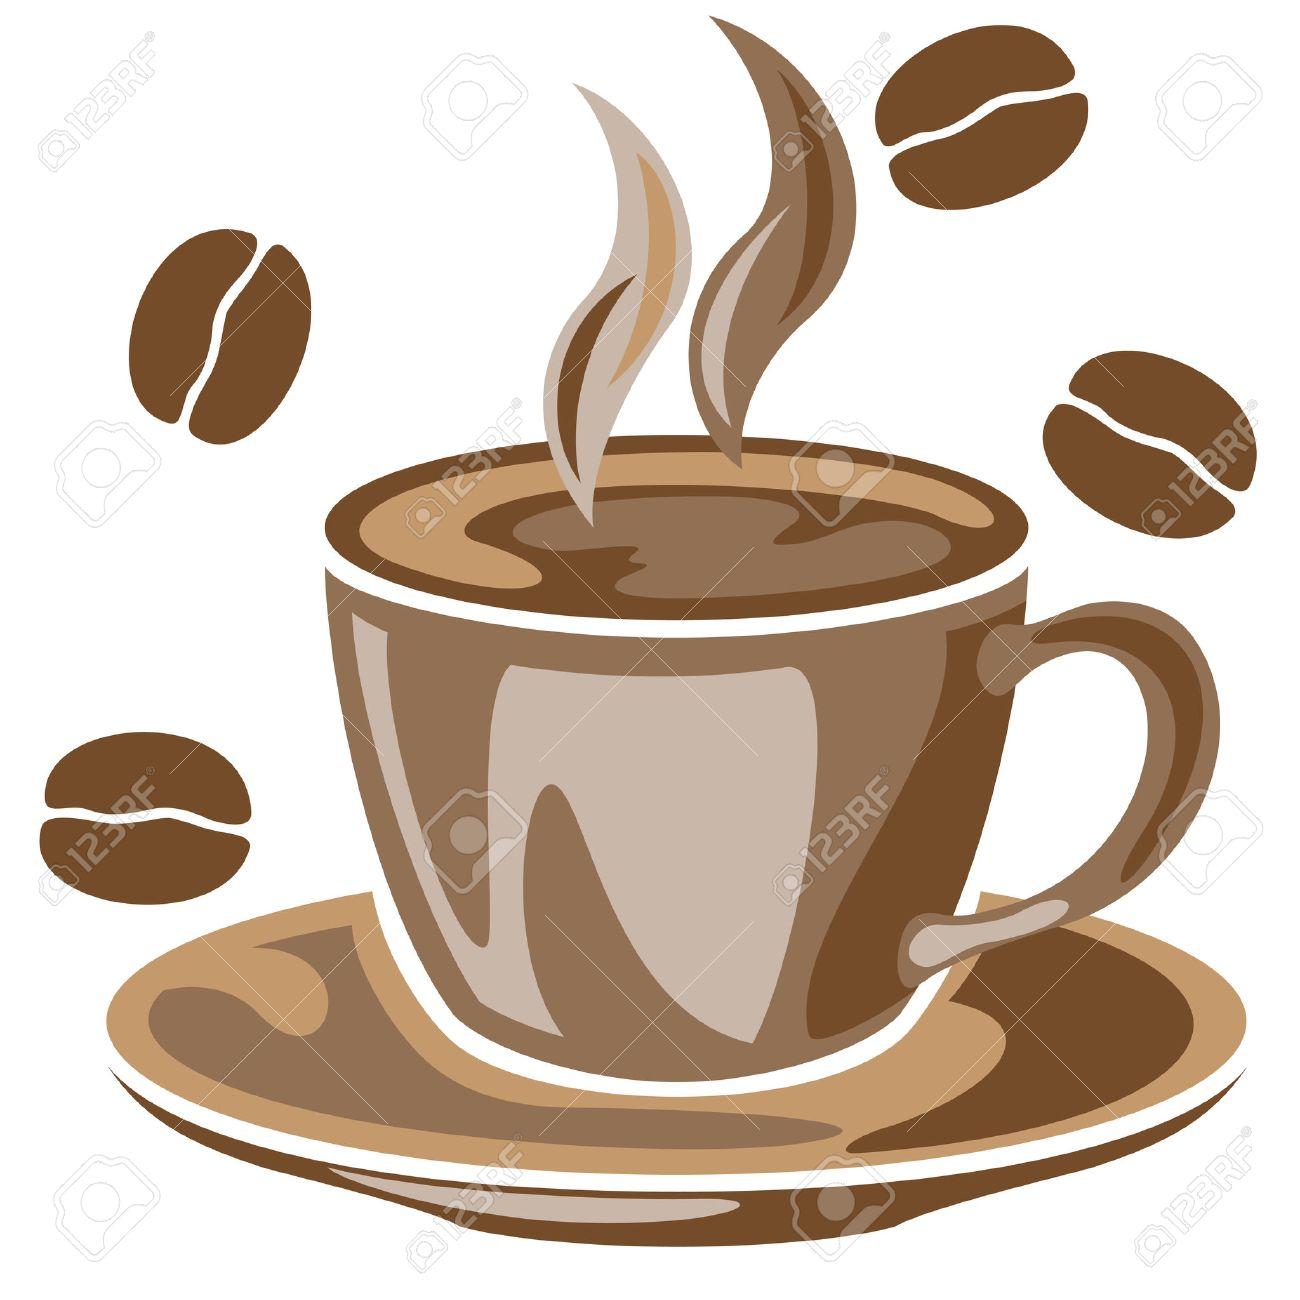 23764262-Une-tasse-de-caf-fumant-et-des-grains-de-caf-dessin-Banque-d'images